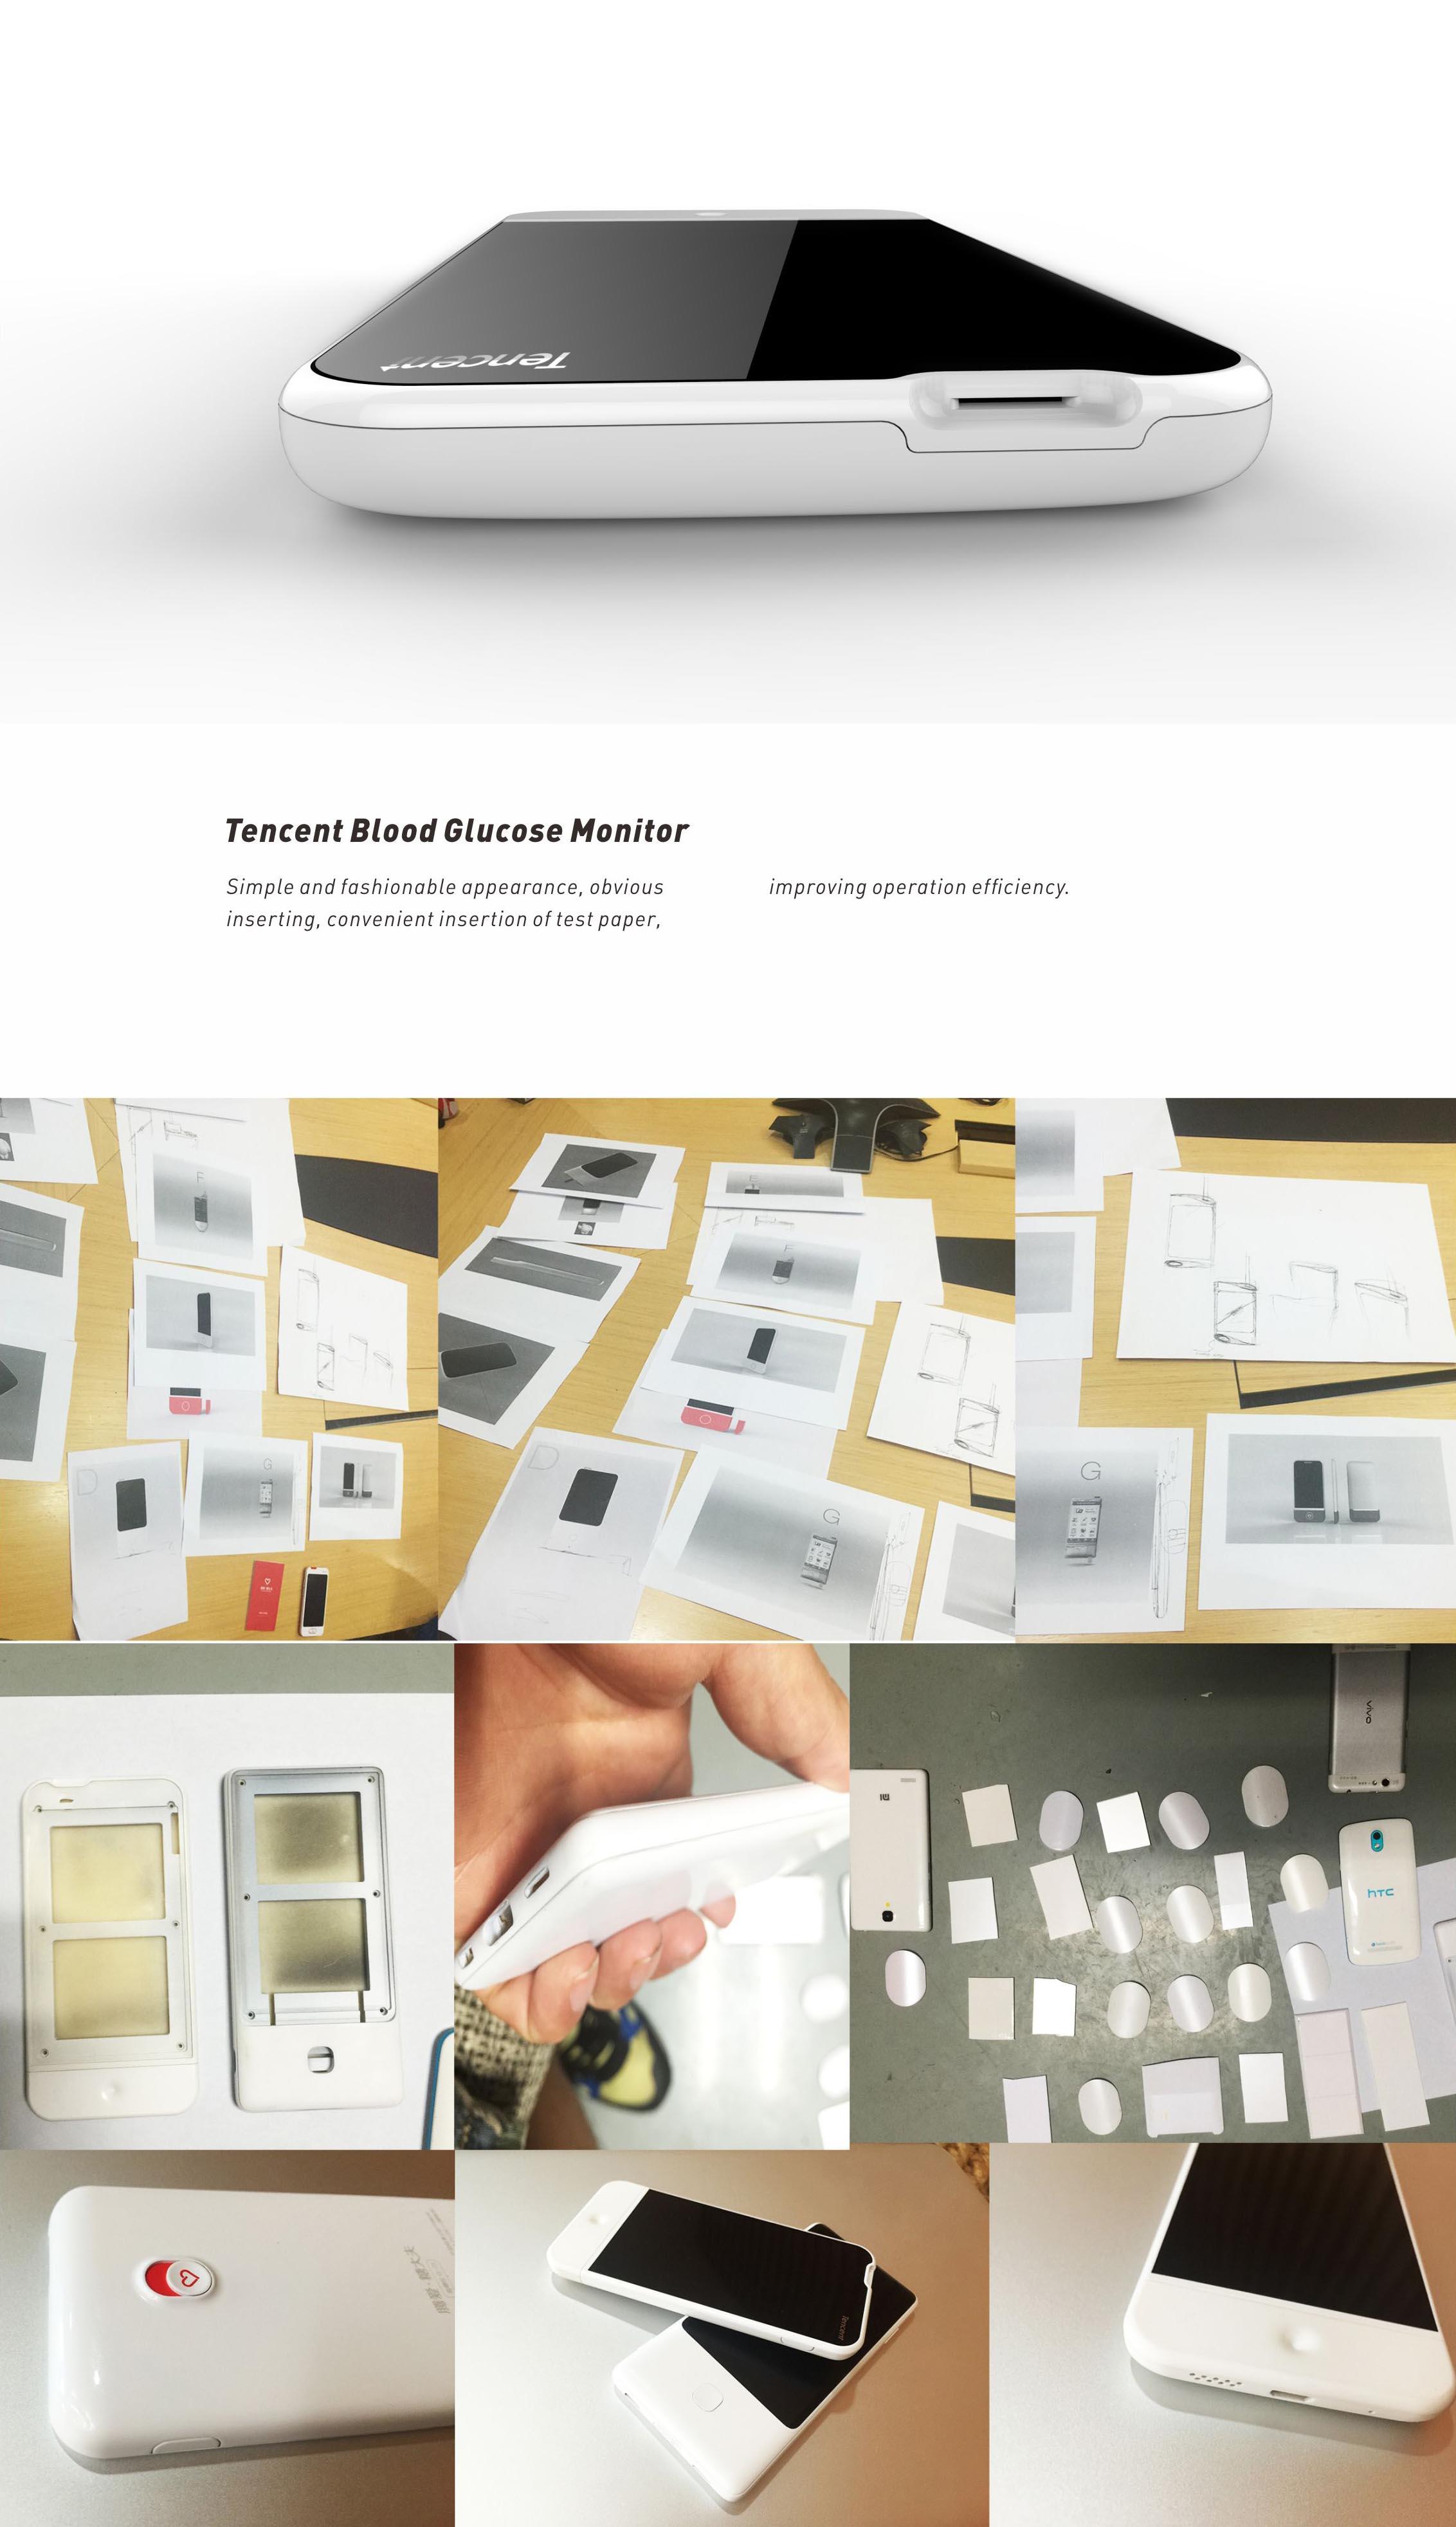 腾讯血糖仪_产品设计-来设计